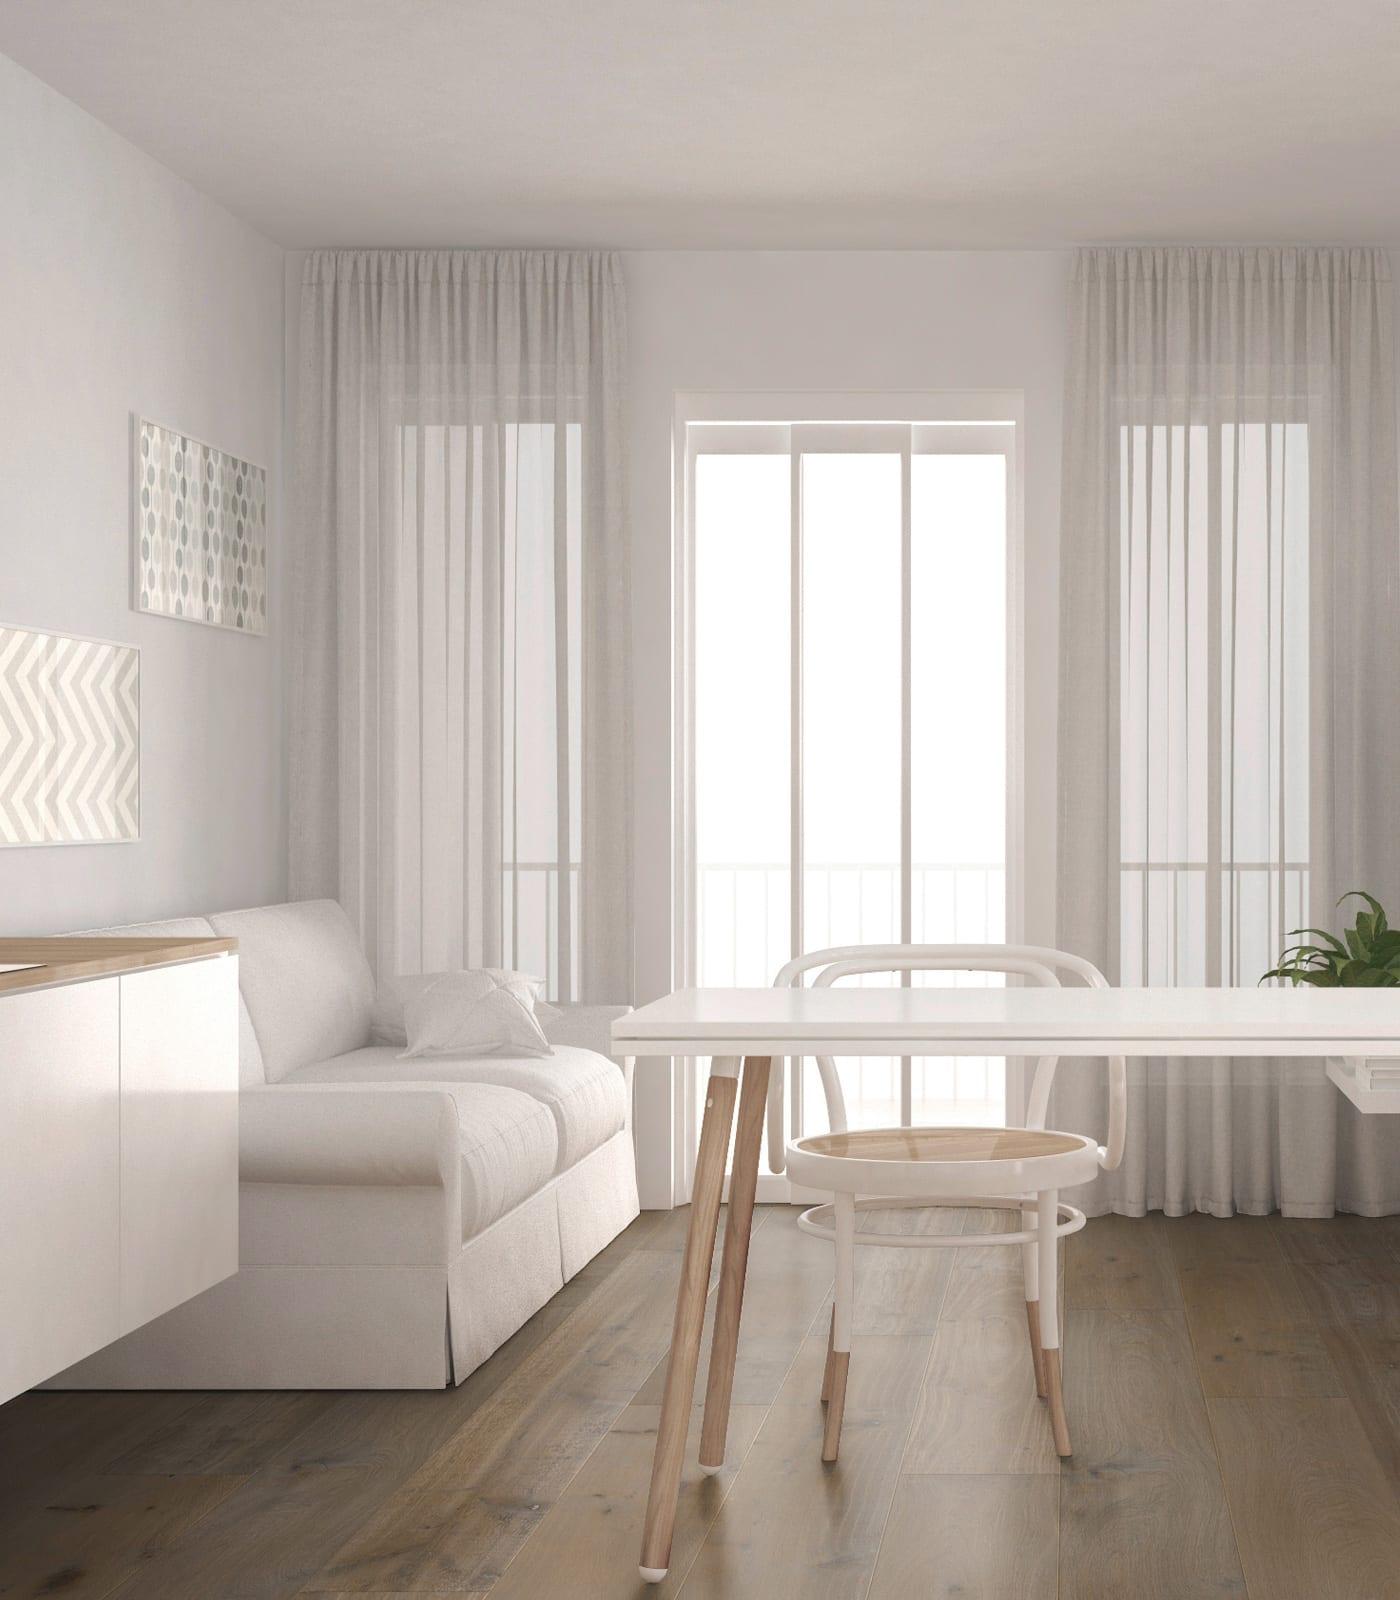 Biarritz-Engineered European Oak floors